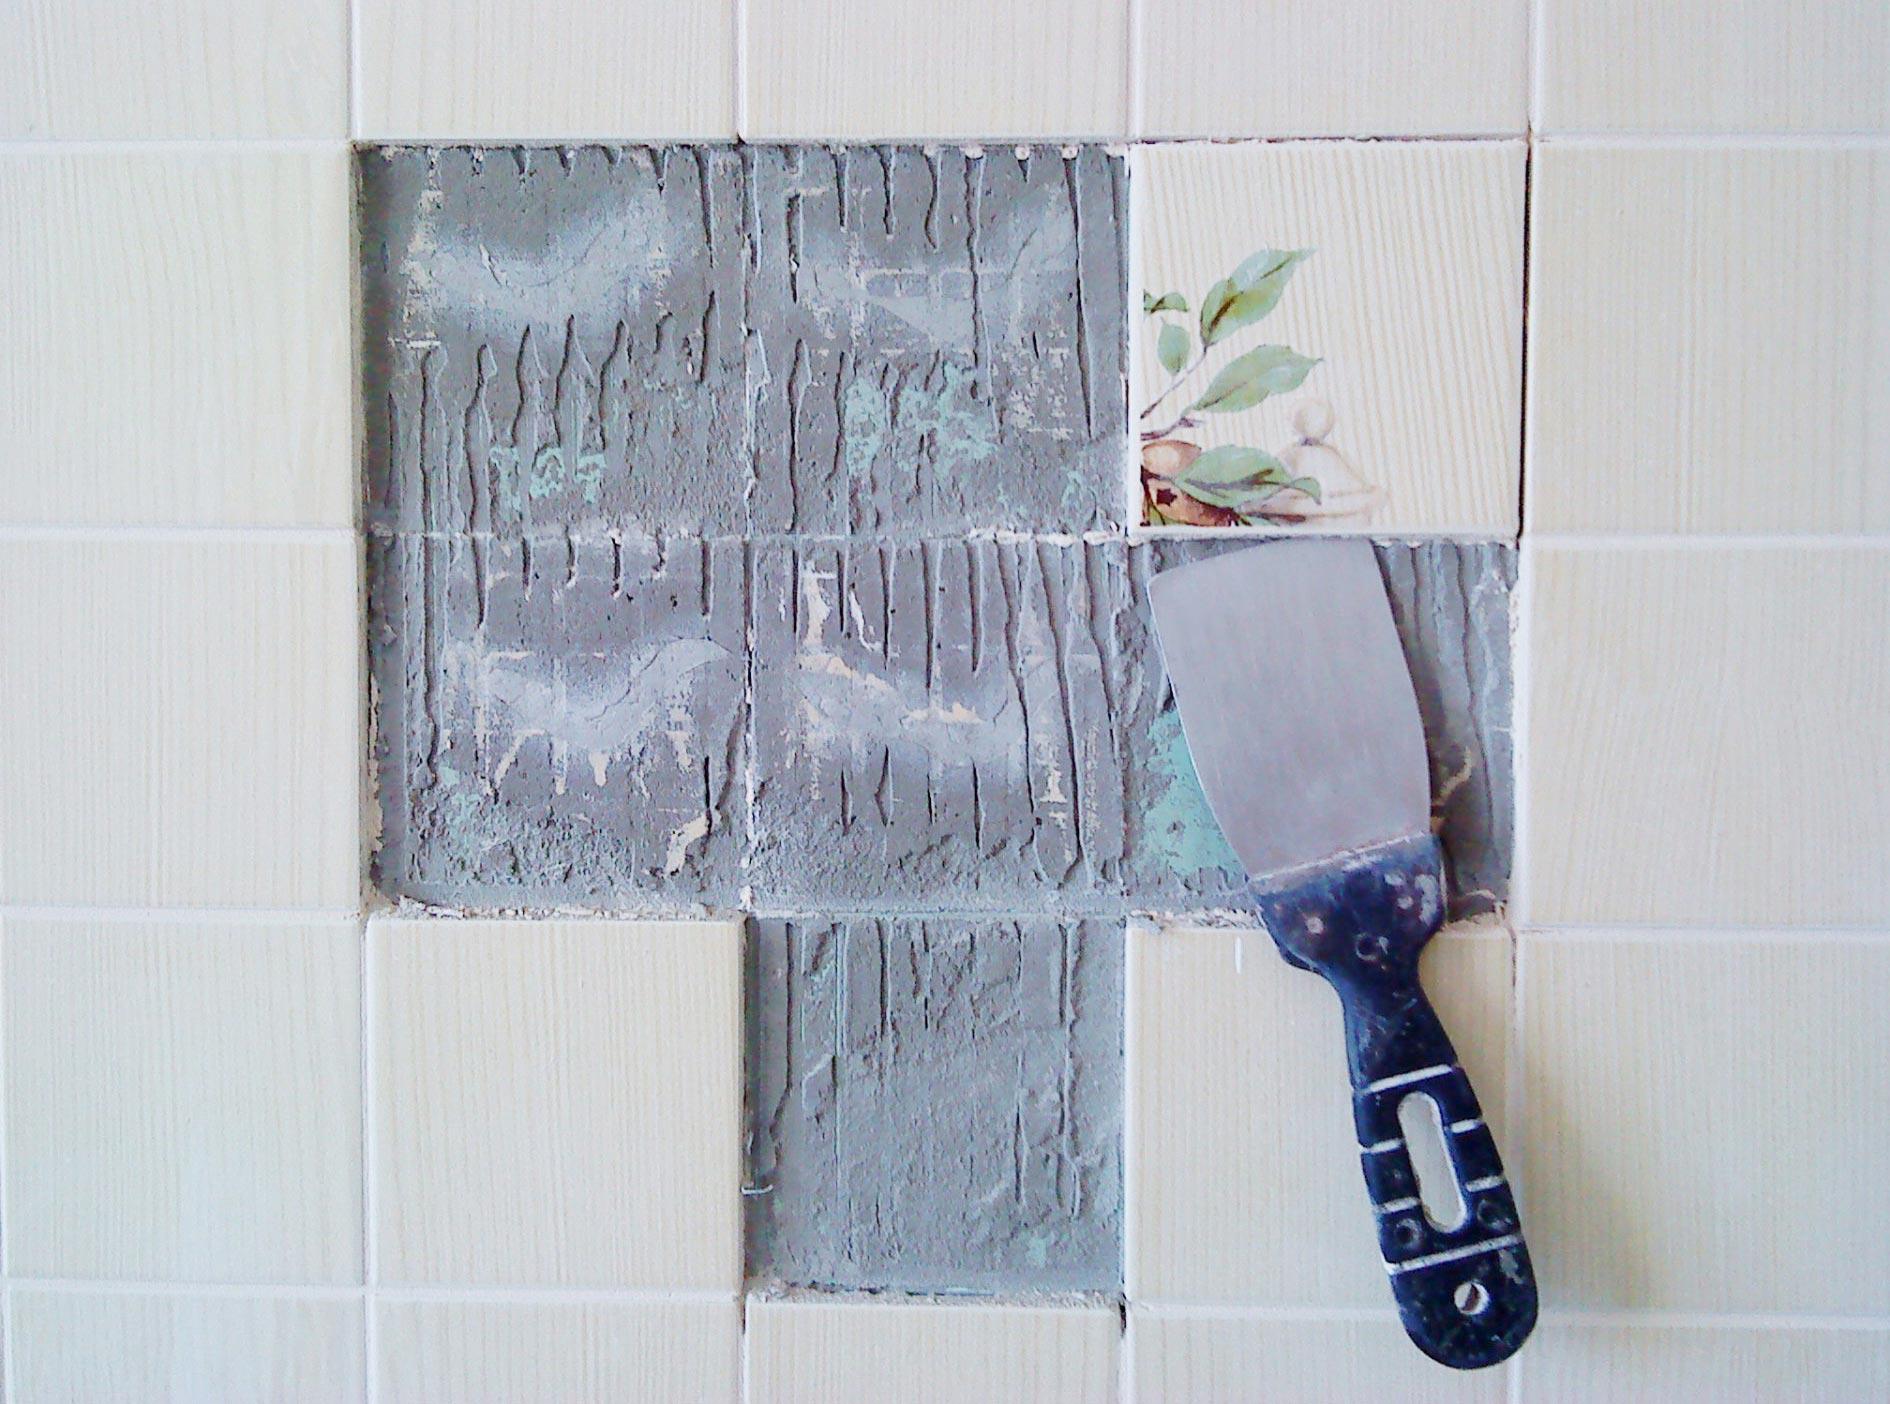 чем лучше приклеить плитку в ванной, если она отвалилась-советы